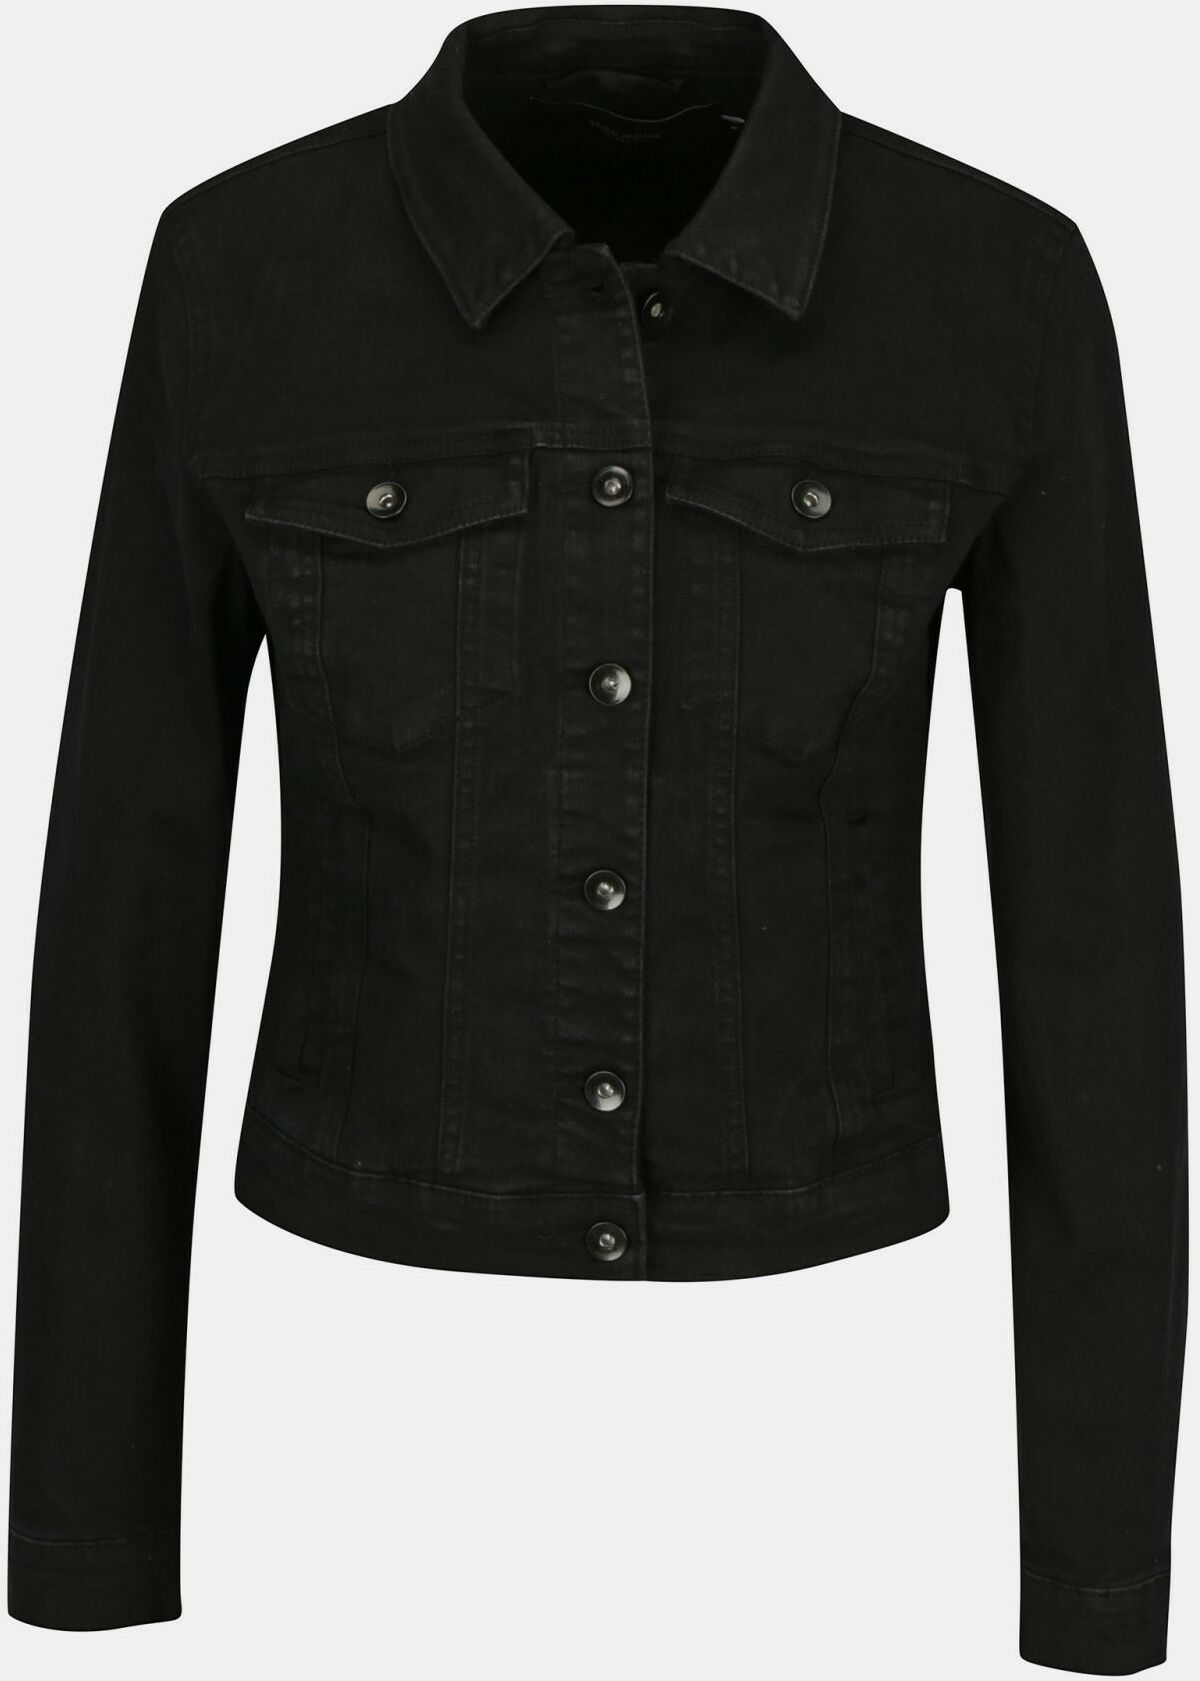 Vero Moda czarny dżinsowa kurtka Hot Soya - XS